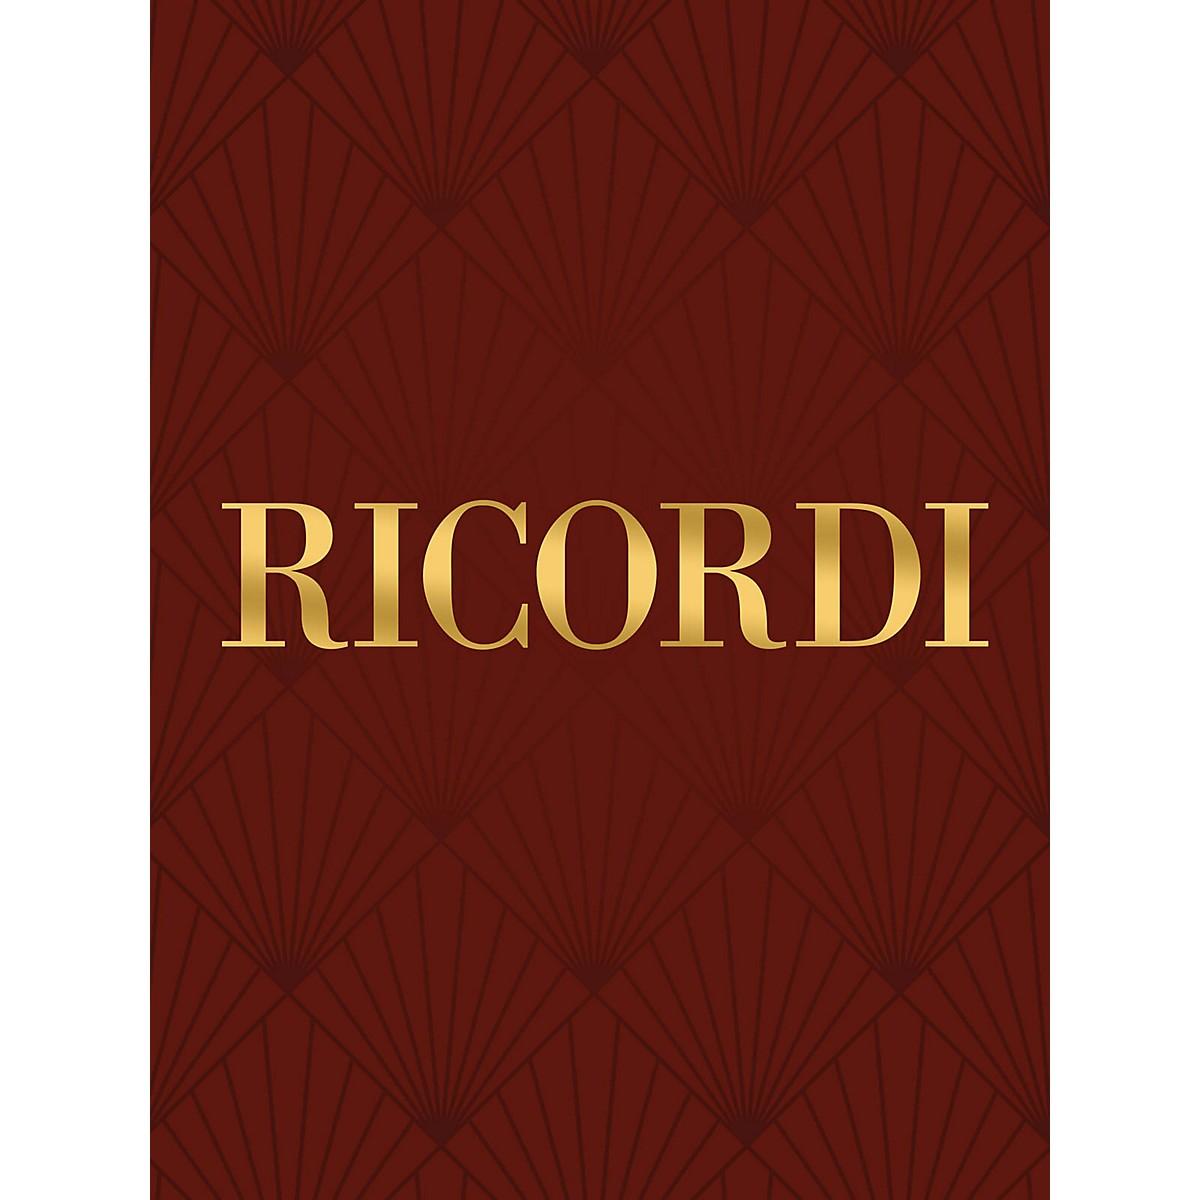 Ricordi Piccole scintille - 15 Pezzettini facili (Piano Technique) Piano Method Series Composed by Ettore Pozzoli